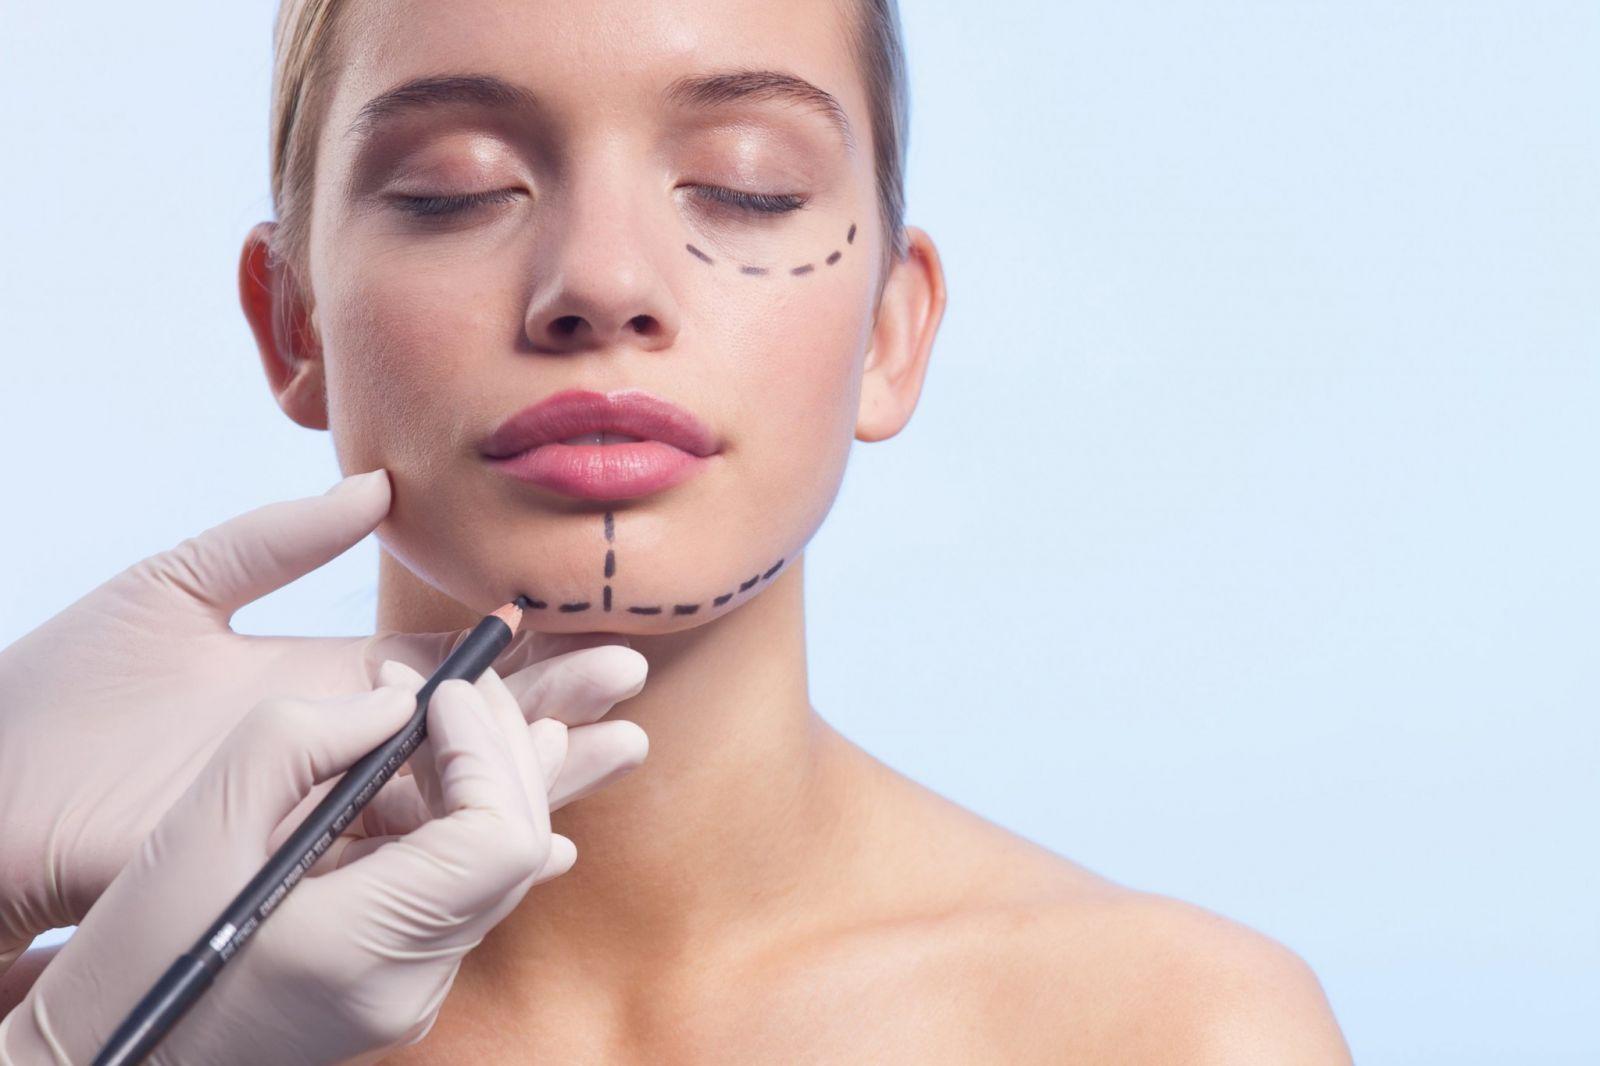 A facial surgery